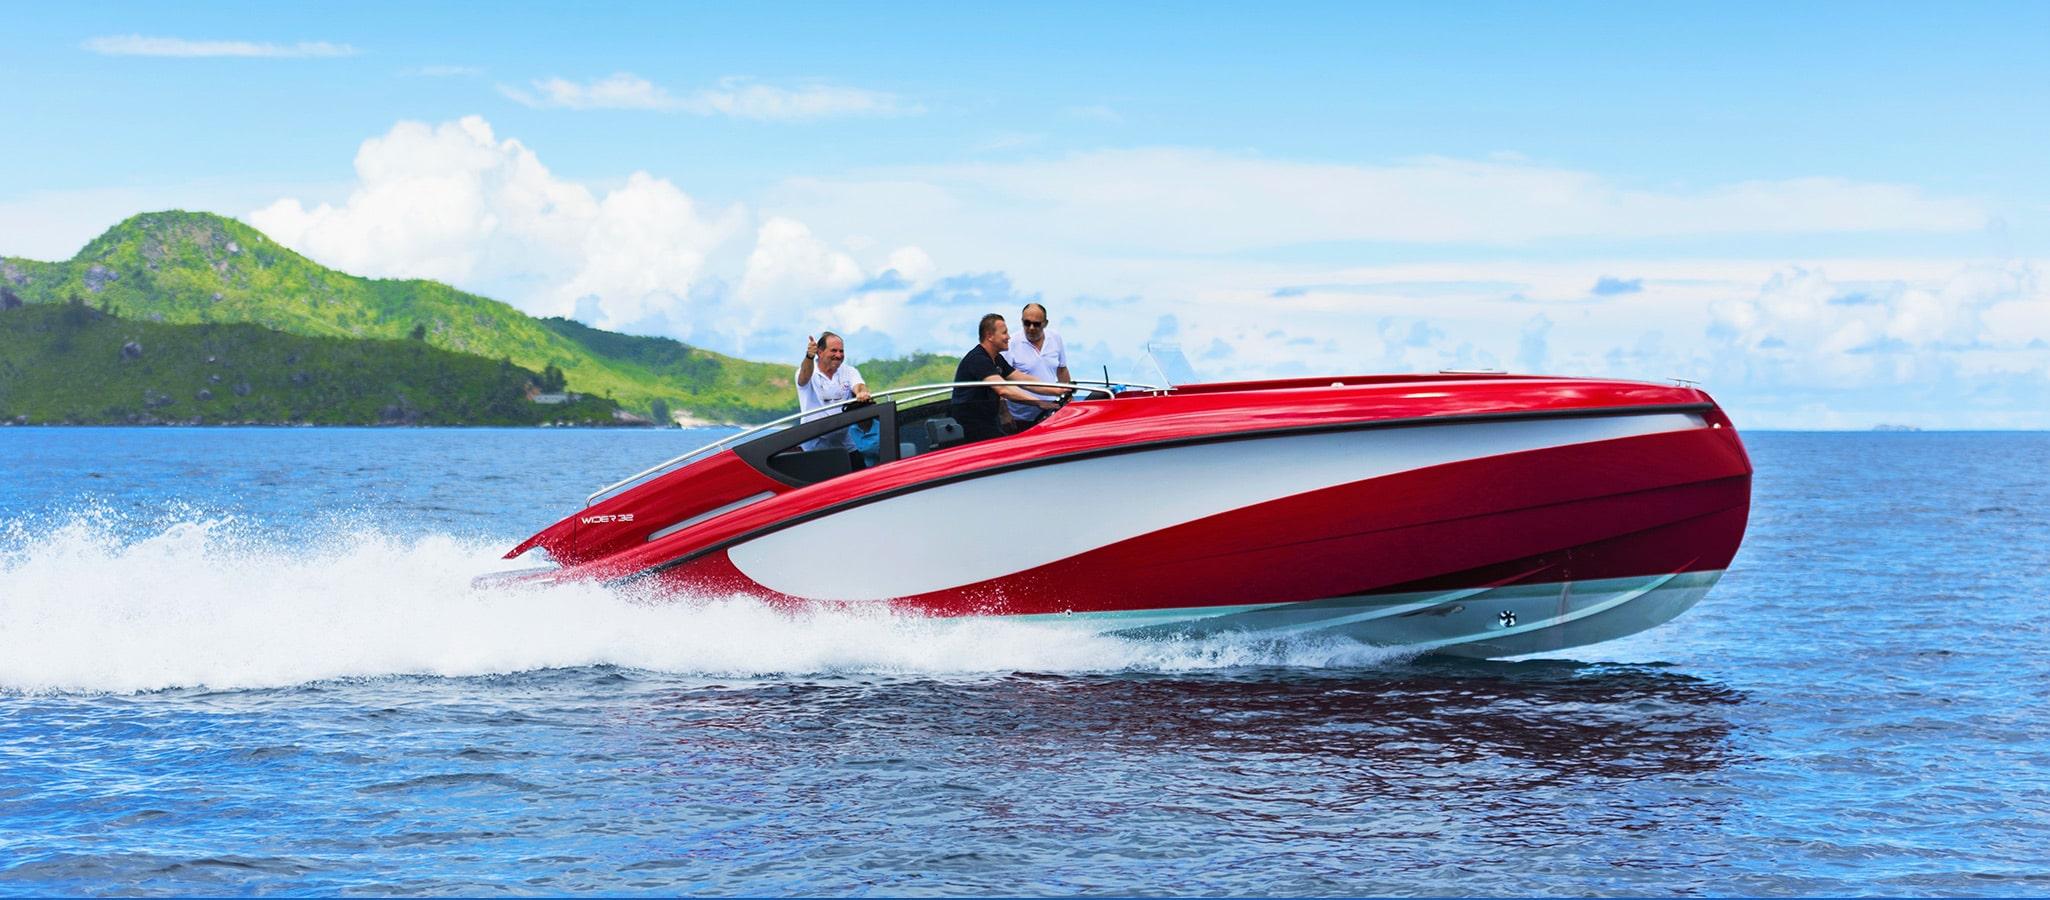 Beliebt nicht nur bei männlichen Teilnehmern: Speedboote zählen auf ausgewählten Schiffen zu den Fun-Toys an Bord.